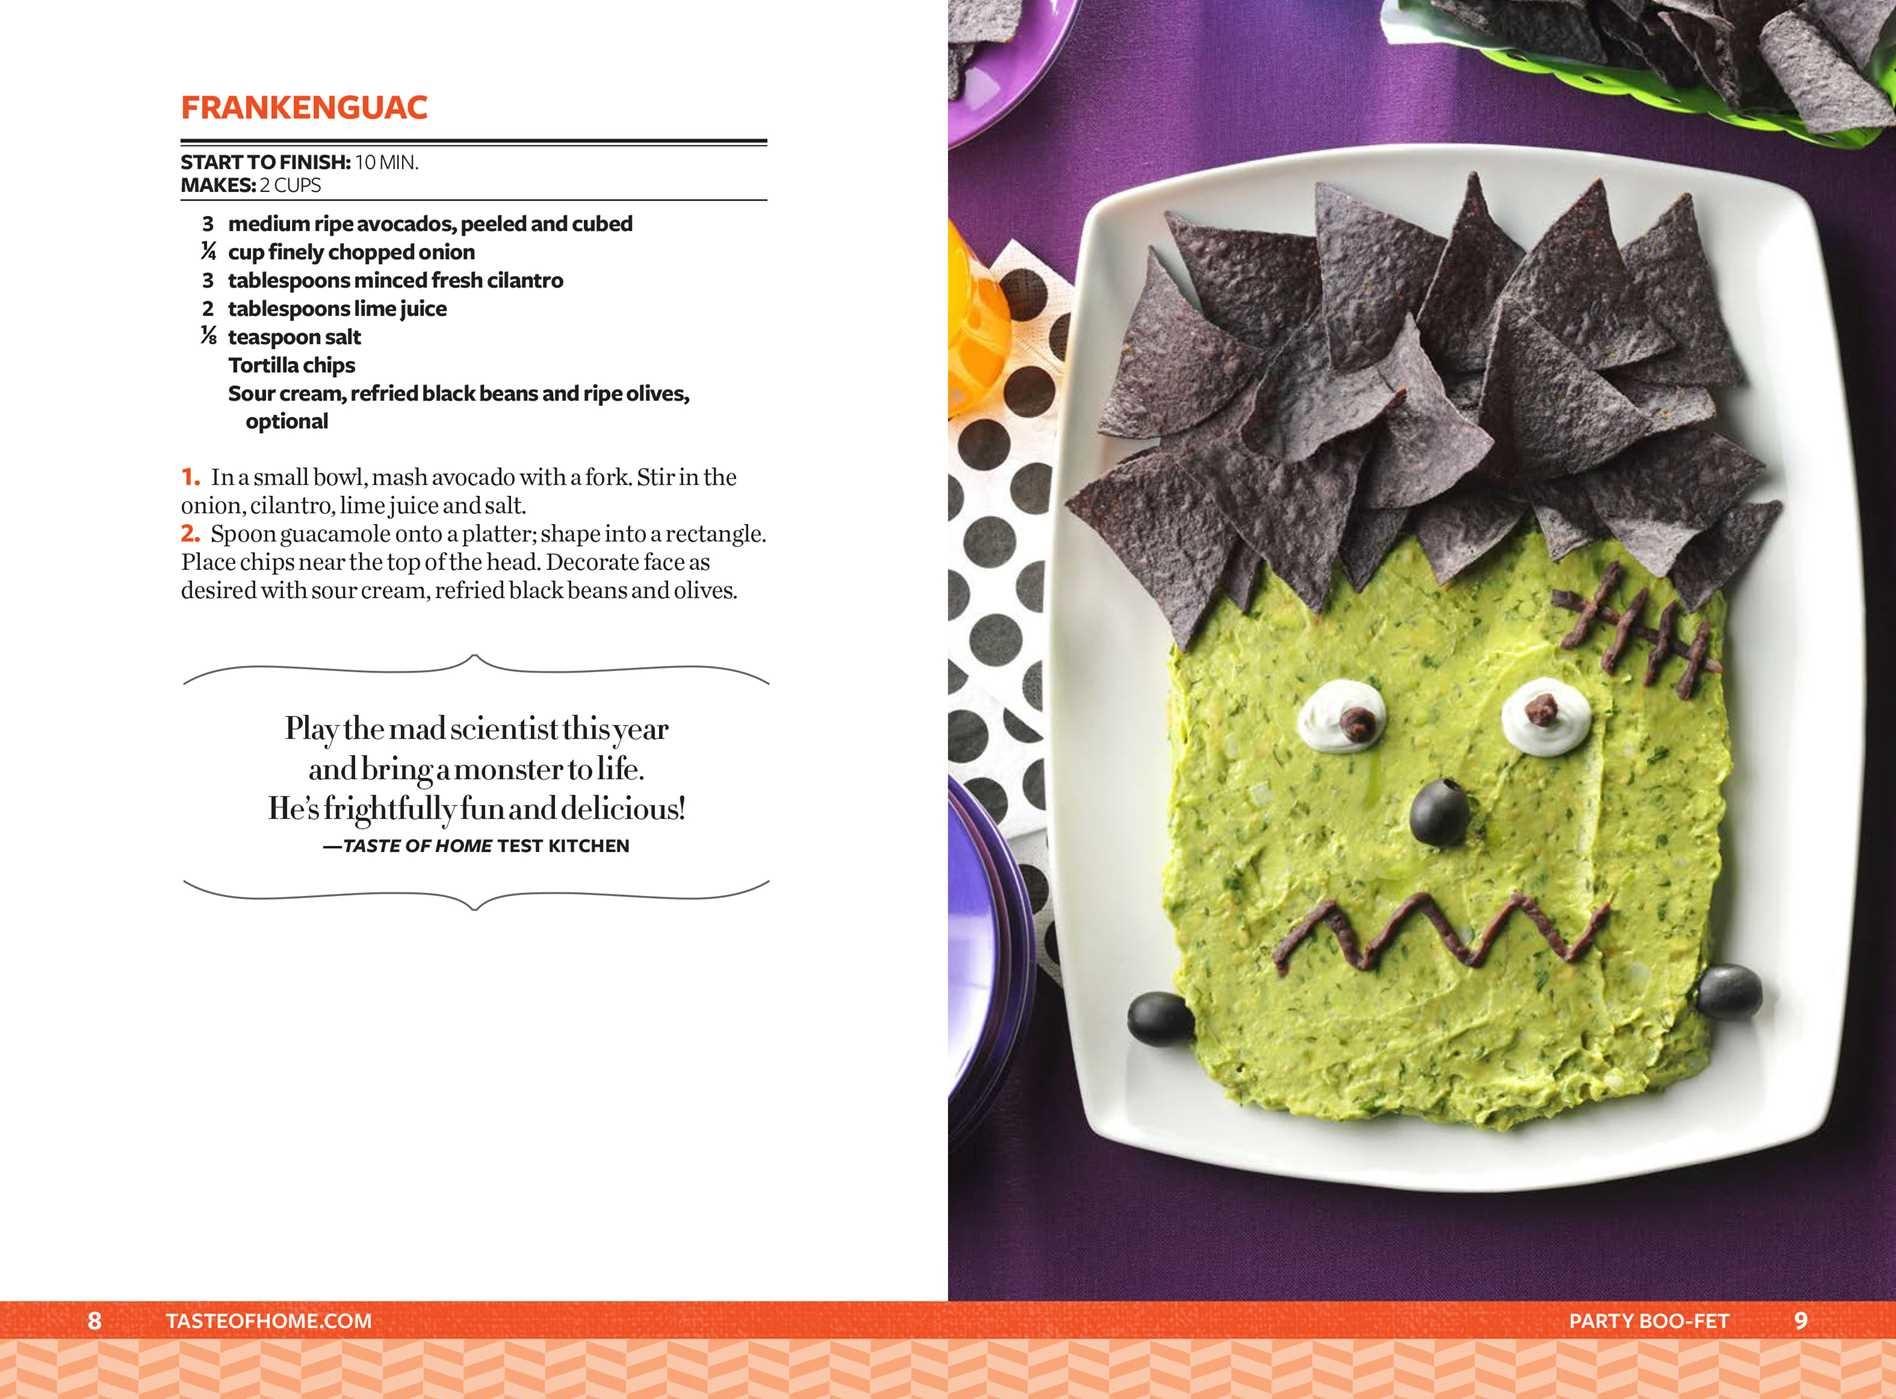 Taste of home halloween mini binder 9781617657689.in02